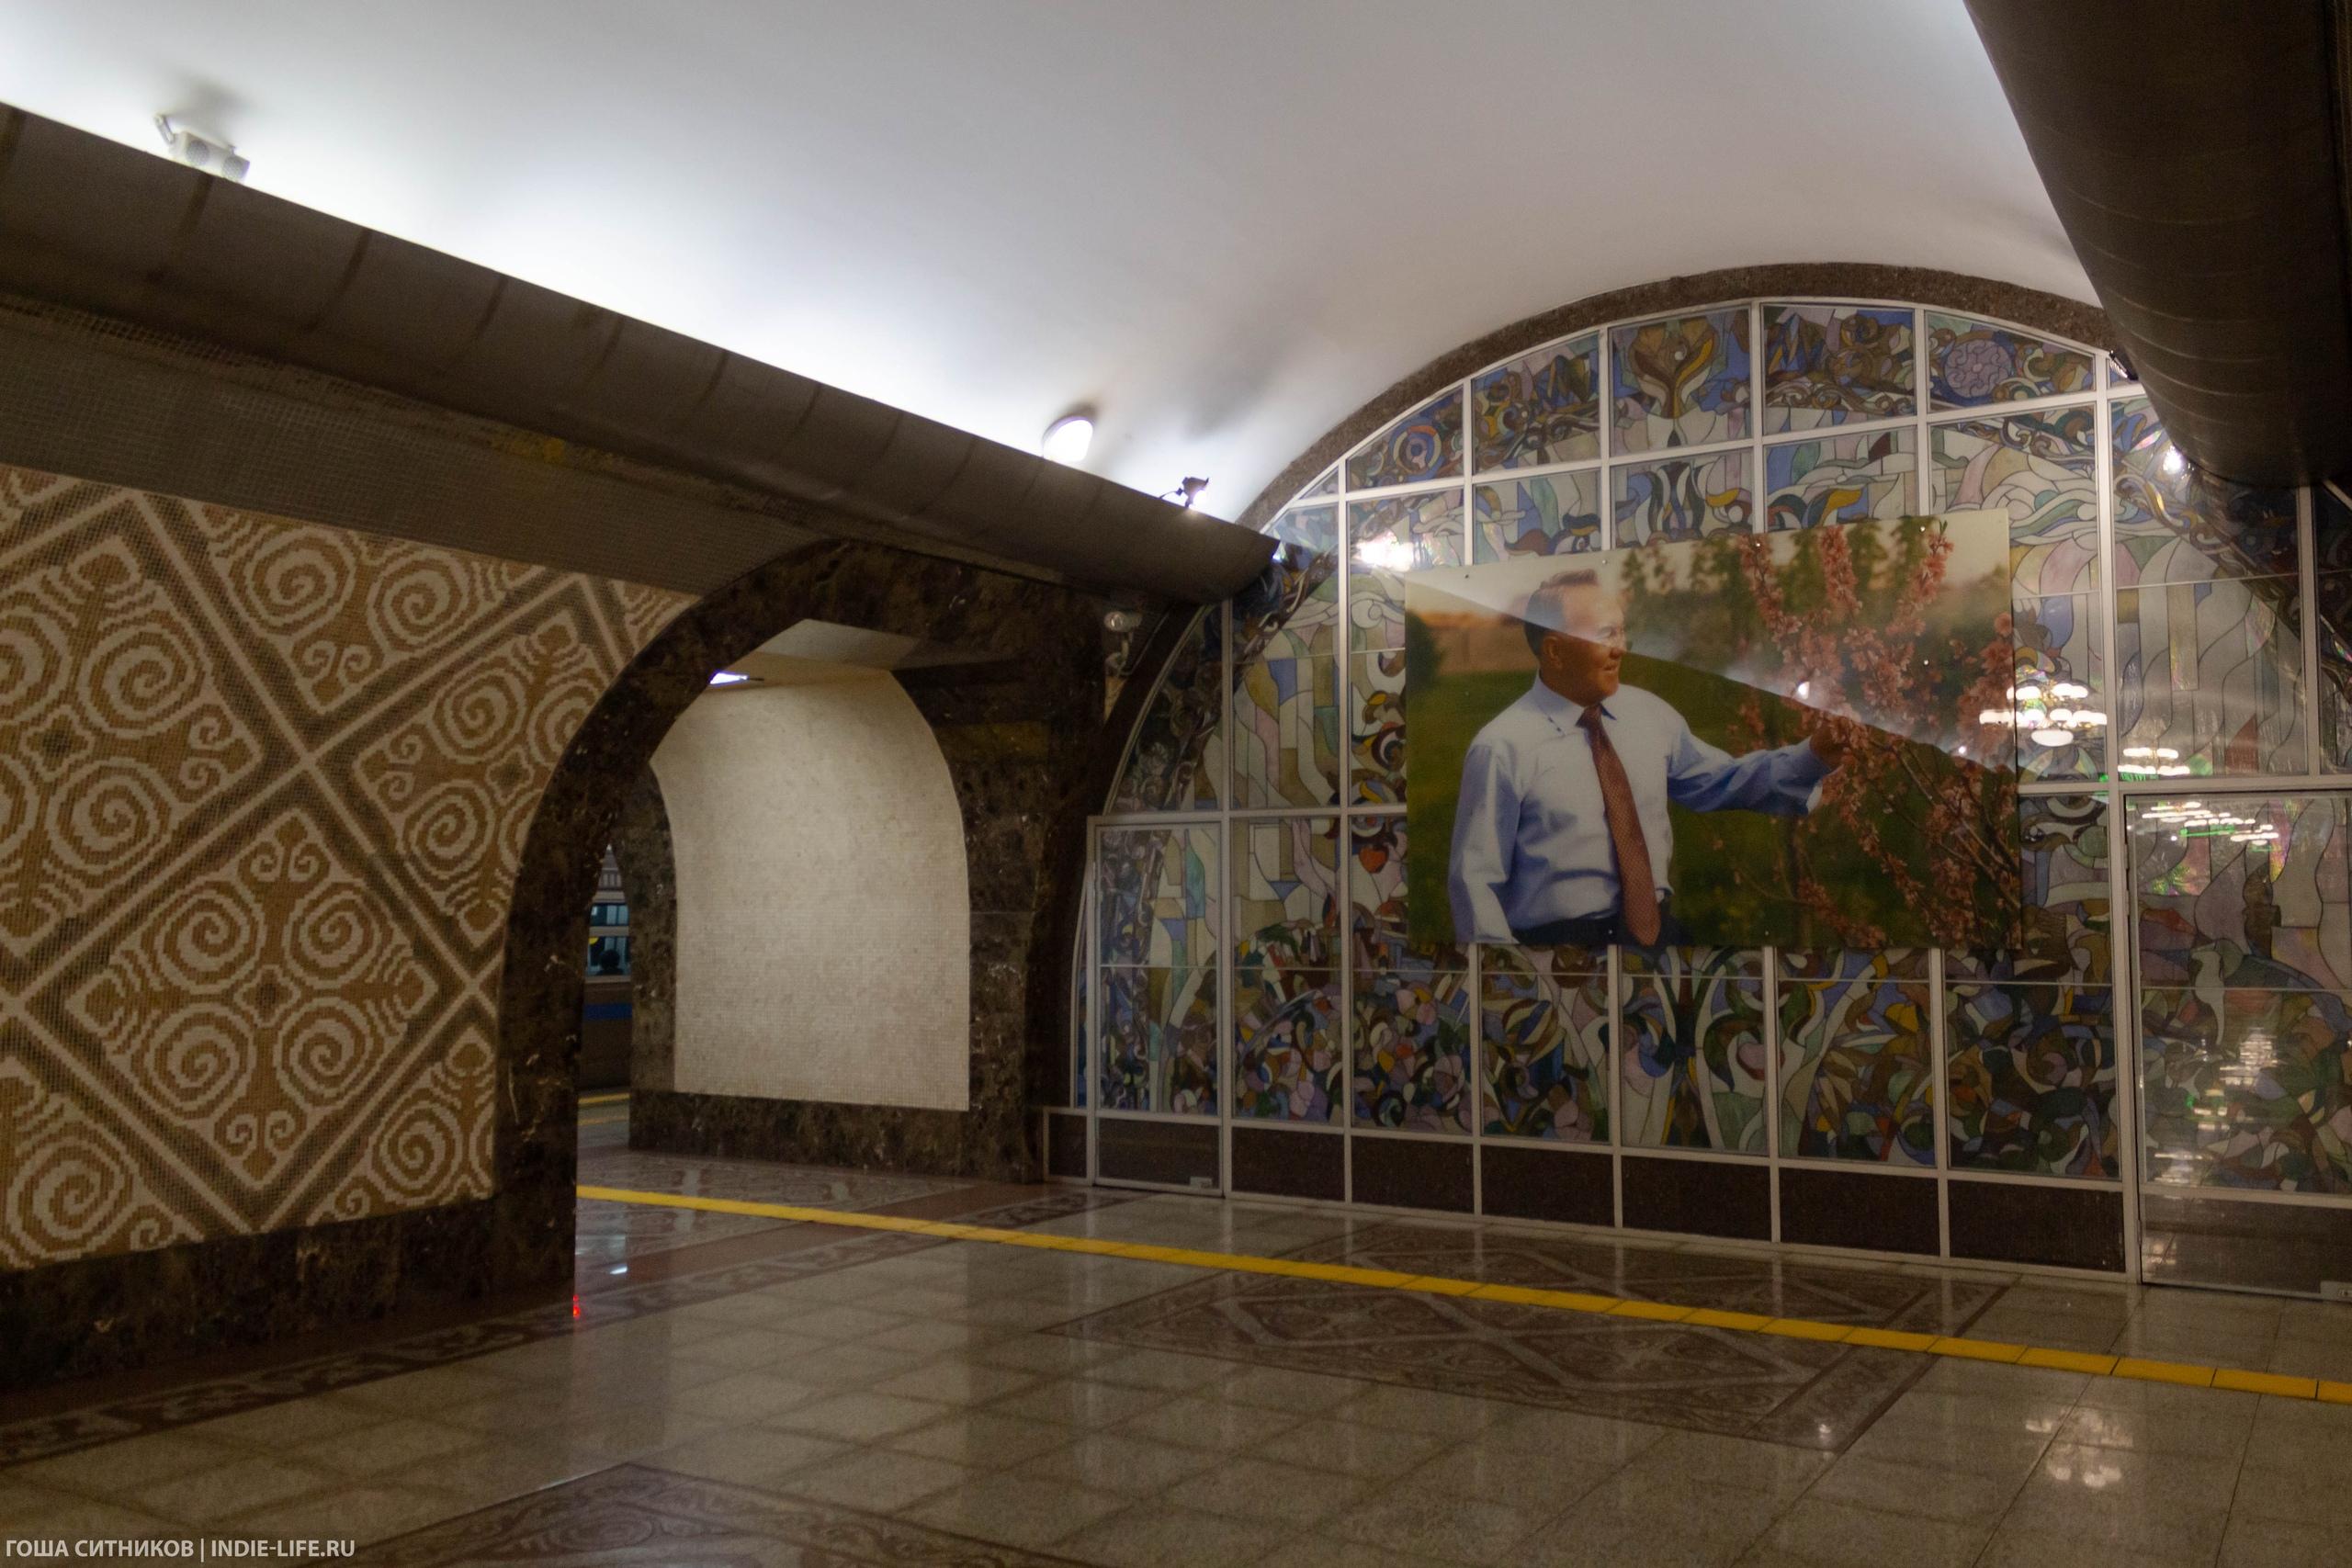 Фотка Назарбаева